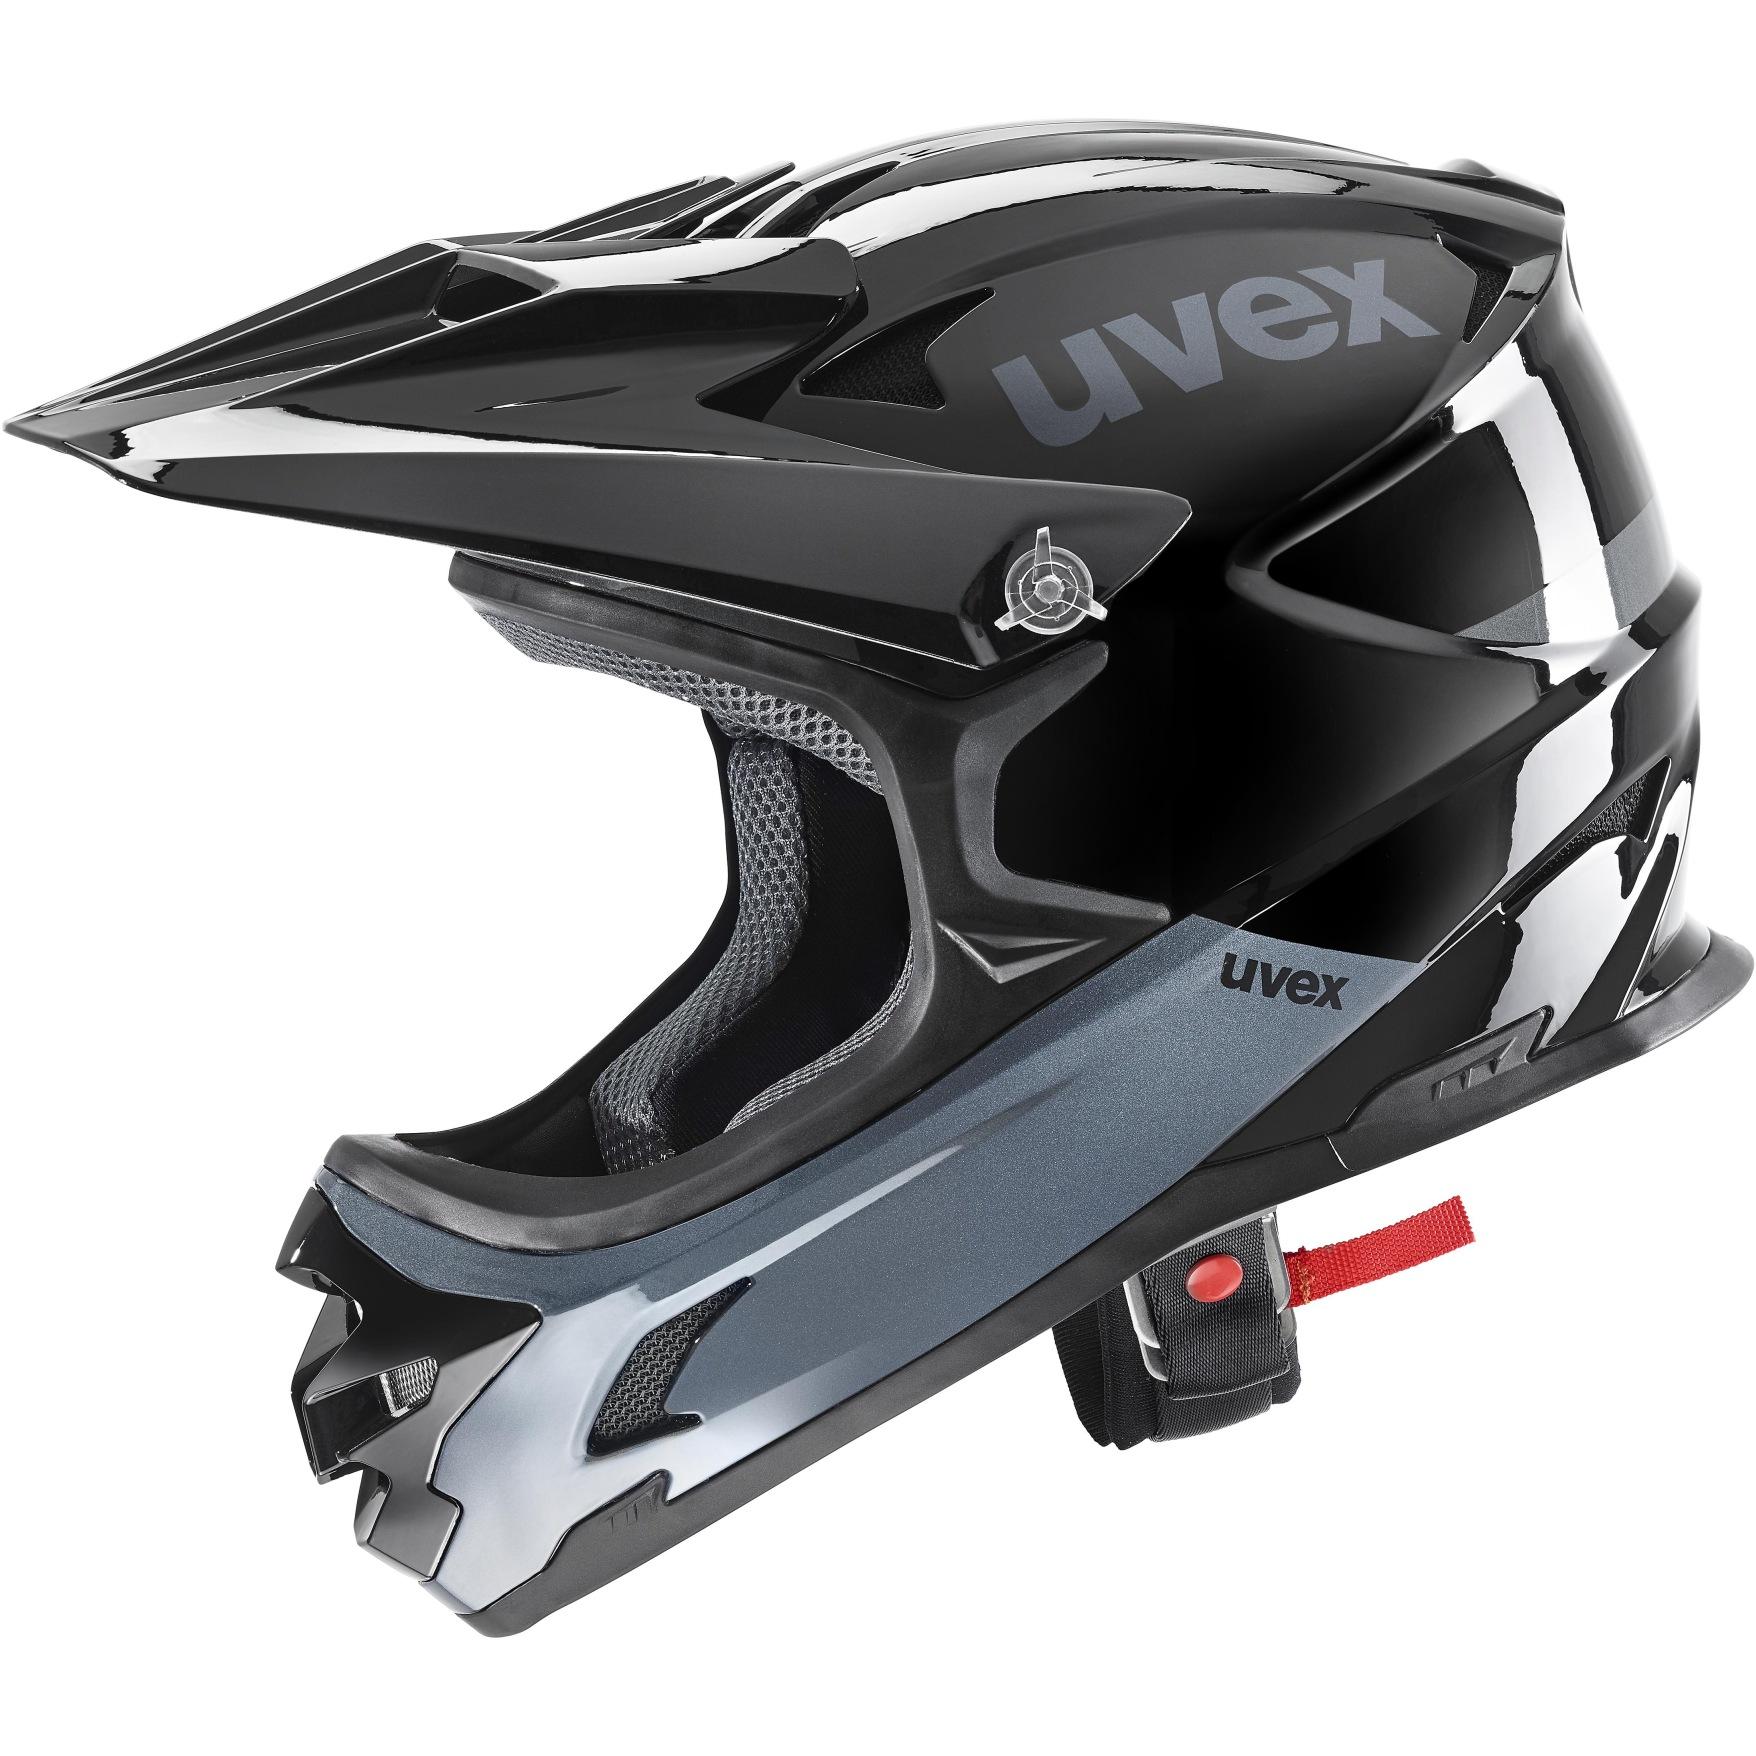 Uvex hlmt 10 bike Helmet - black grey